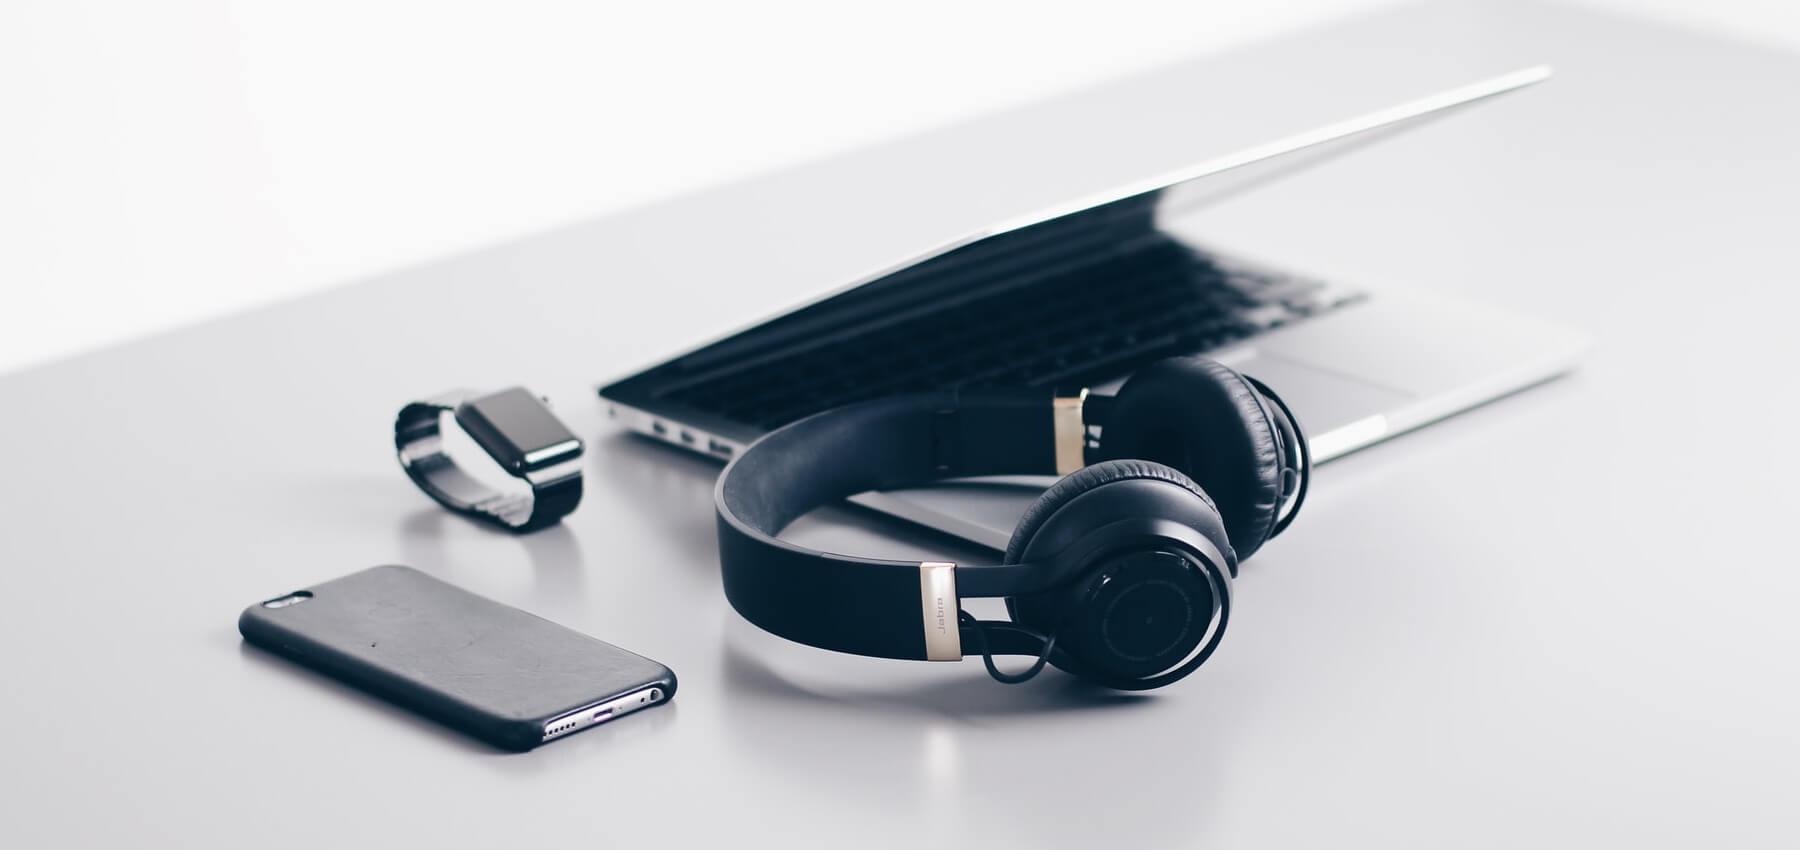 Die Apple AirTags sollen fertig und lieferbereit sein, aber nicht vor November 2020 vorgestellt werden. Bei den AirPods Studio Kopfhörern soll es Schwierigkeiten geben. (Symbolbild)